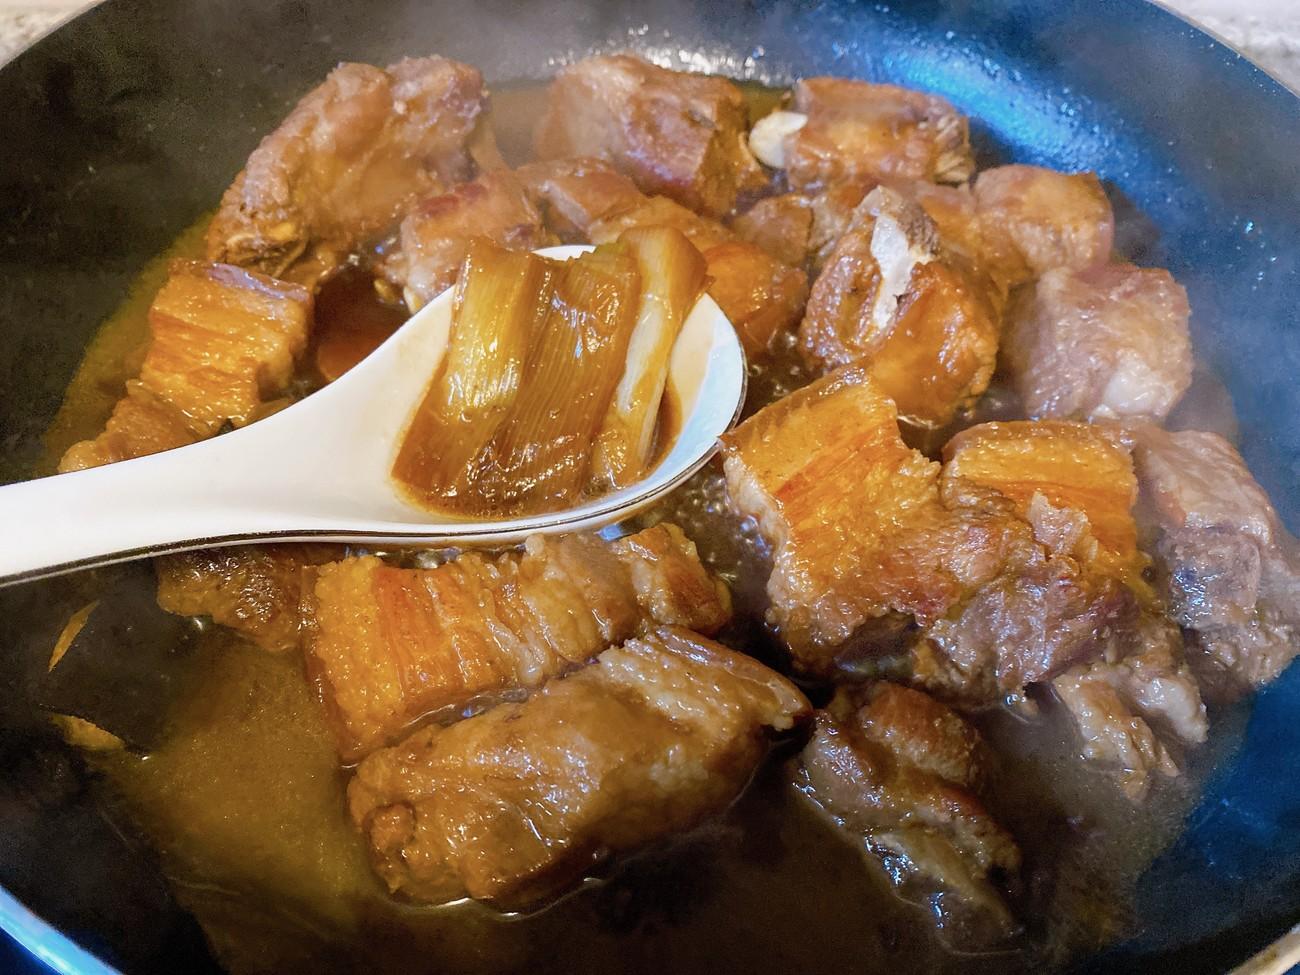 爱吃红烧肉要收藏,这配方我用了十几年,肥而不腻,上桌瞬间光盘